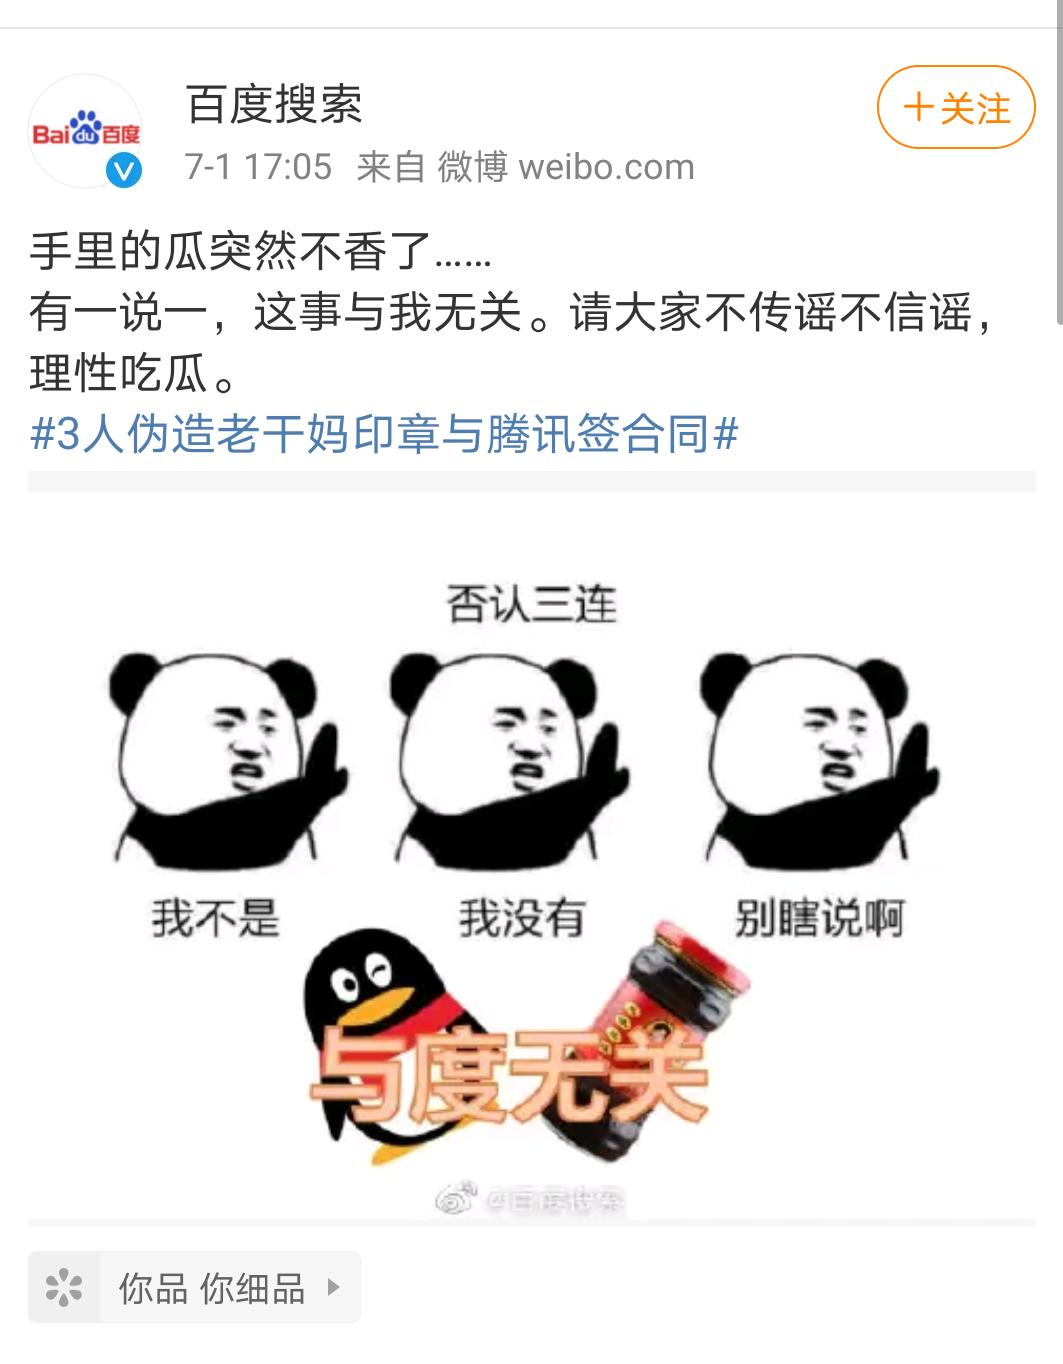 警方通报:3人伪造老干妈公司印章与腾讯签订合同!